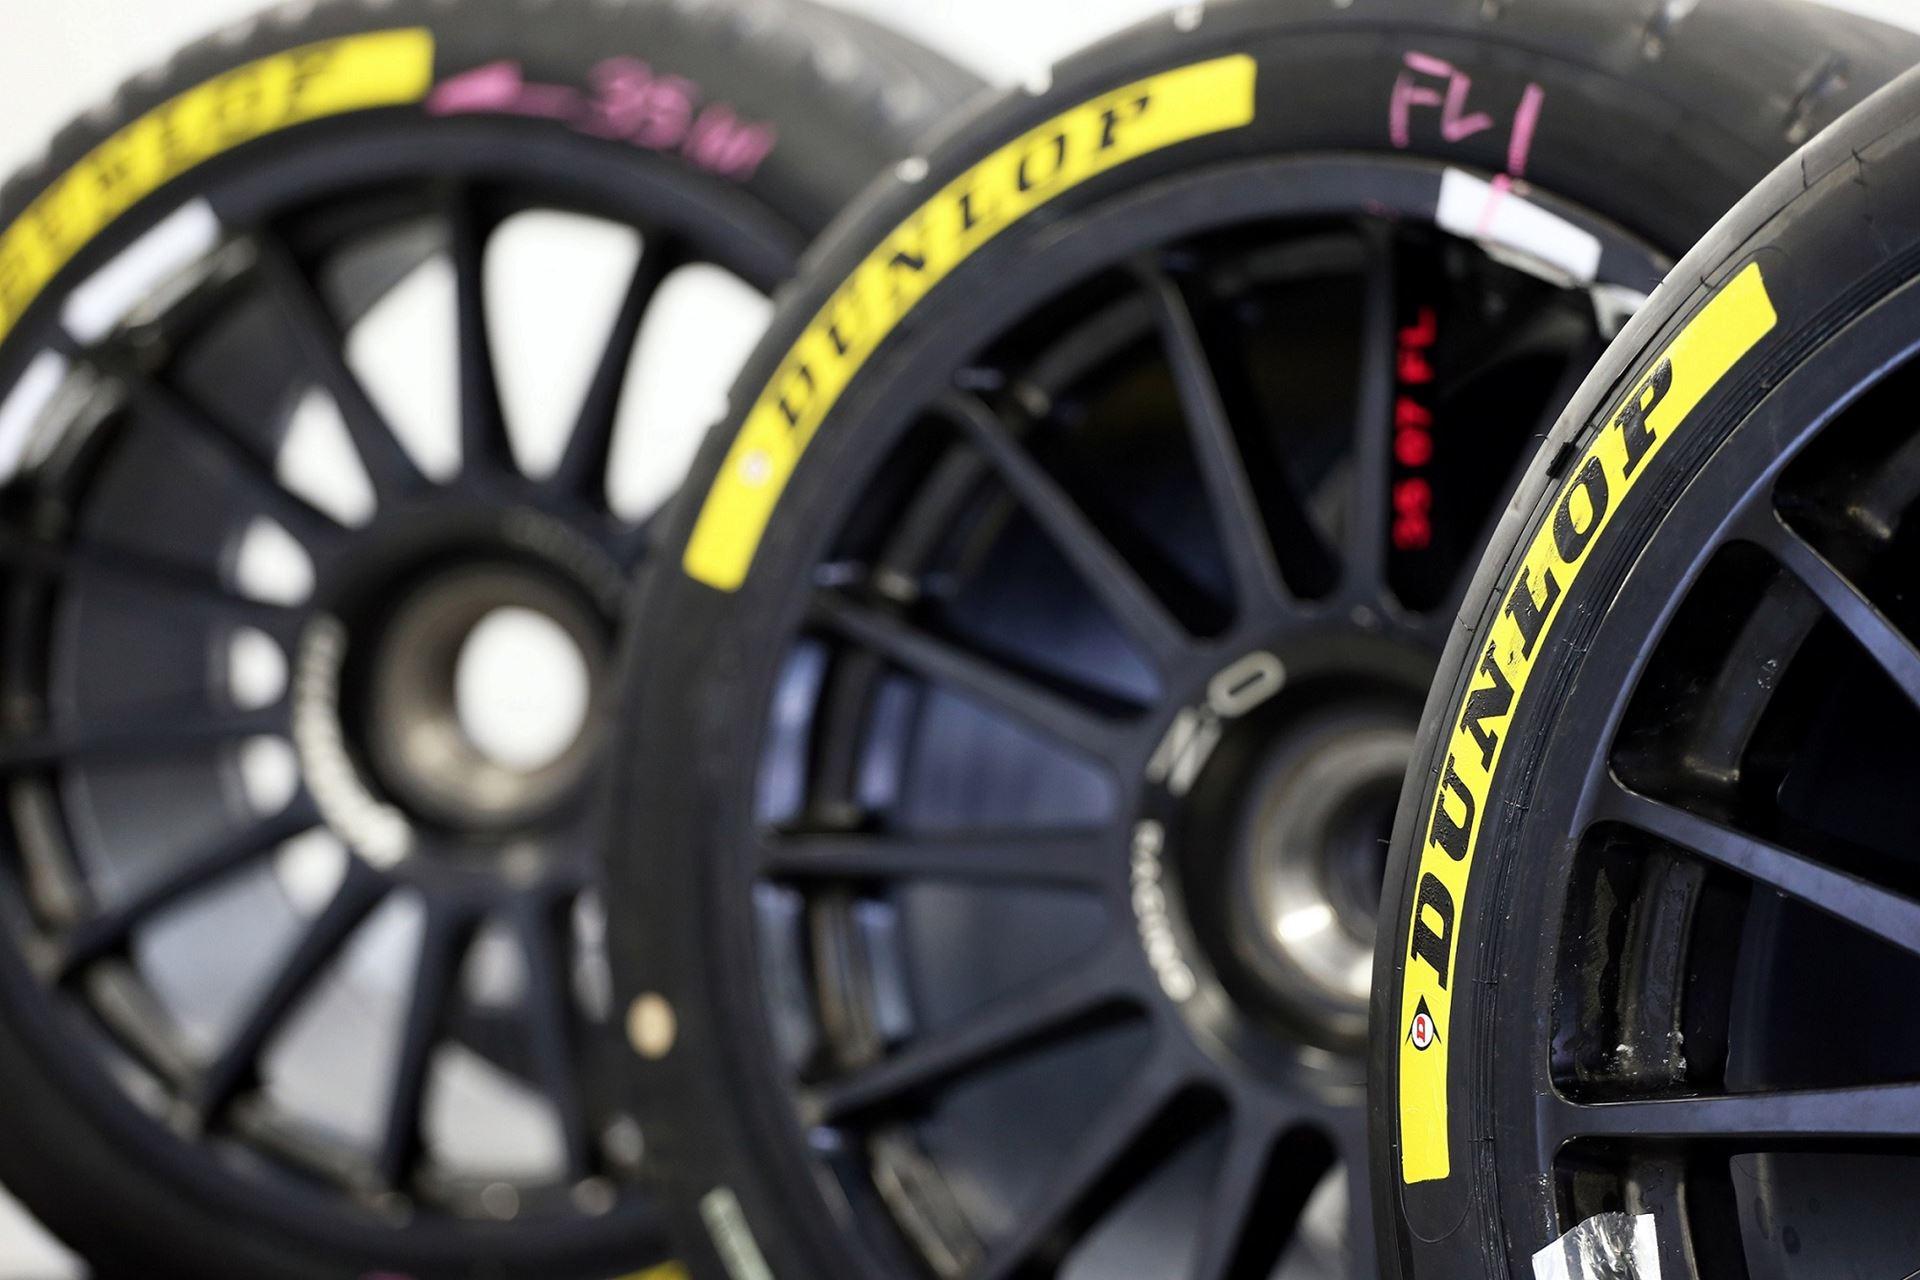 dunlop o fornecedor oficial de pneus do campeonato opel astra 2017 desporto formula 1. Black Bedroom Furniture Sets. Home Design Ideas